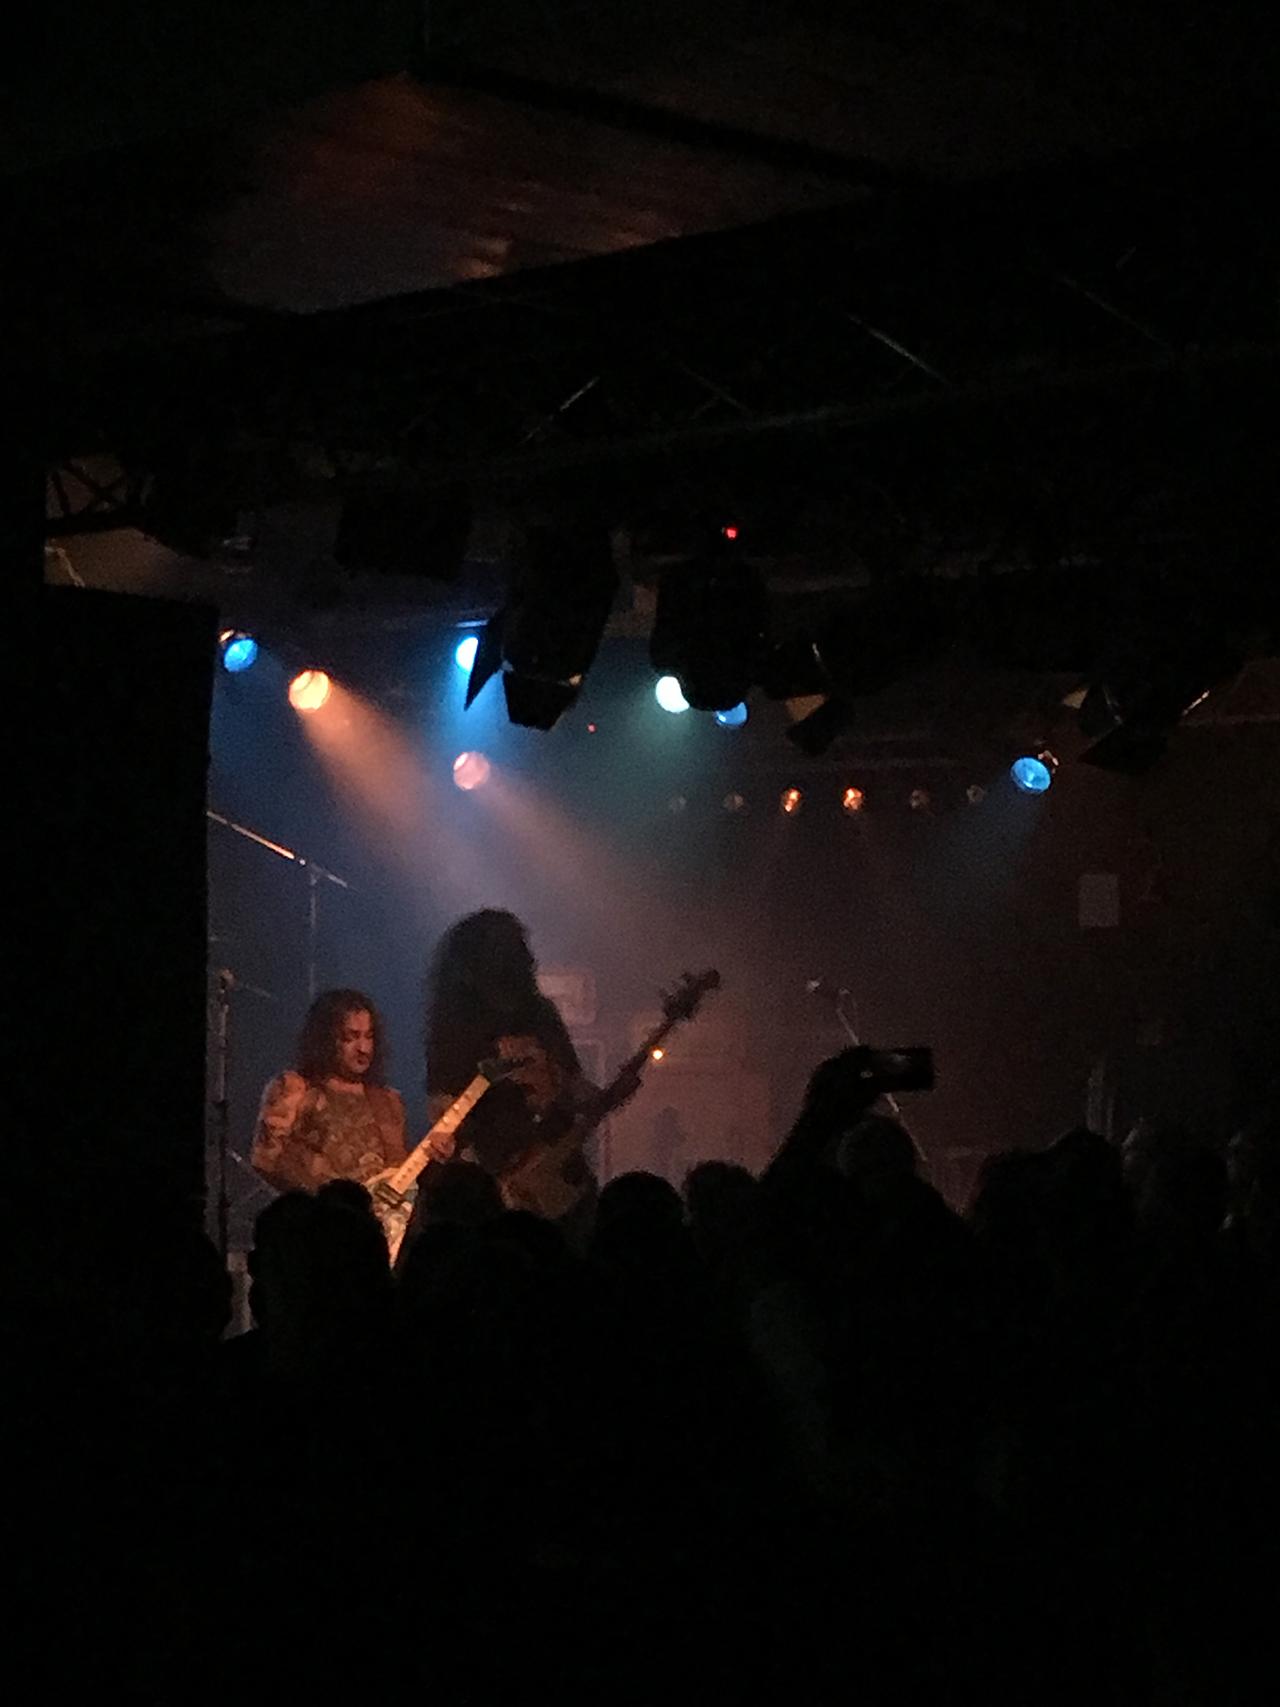 Feierwerk_Blog_Musik_Konzert_Stoned_Jesus_Bühne_3